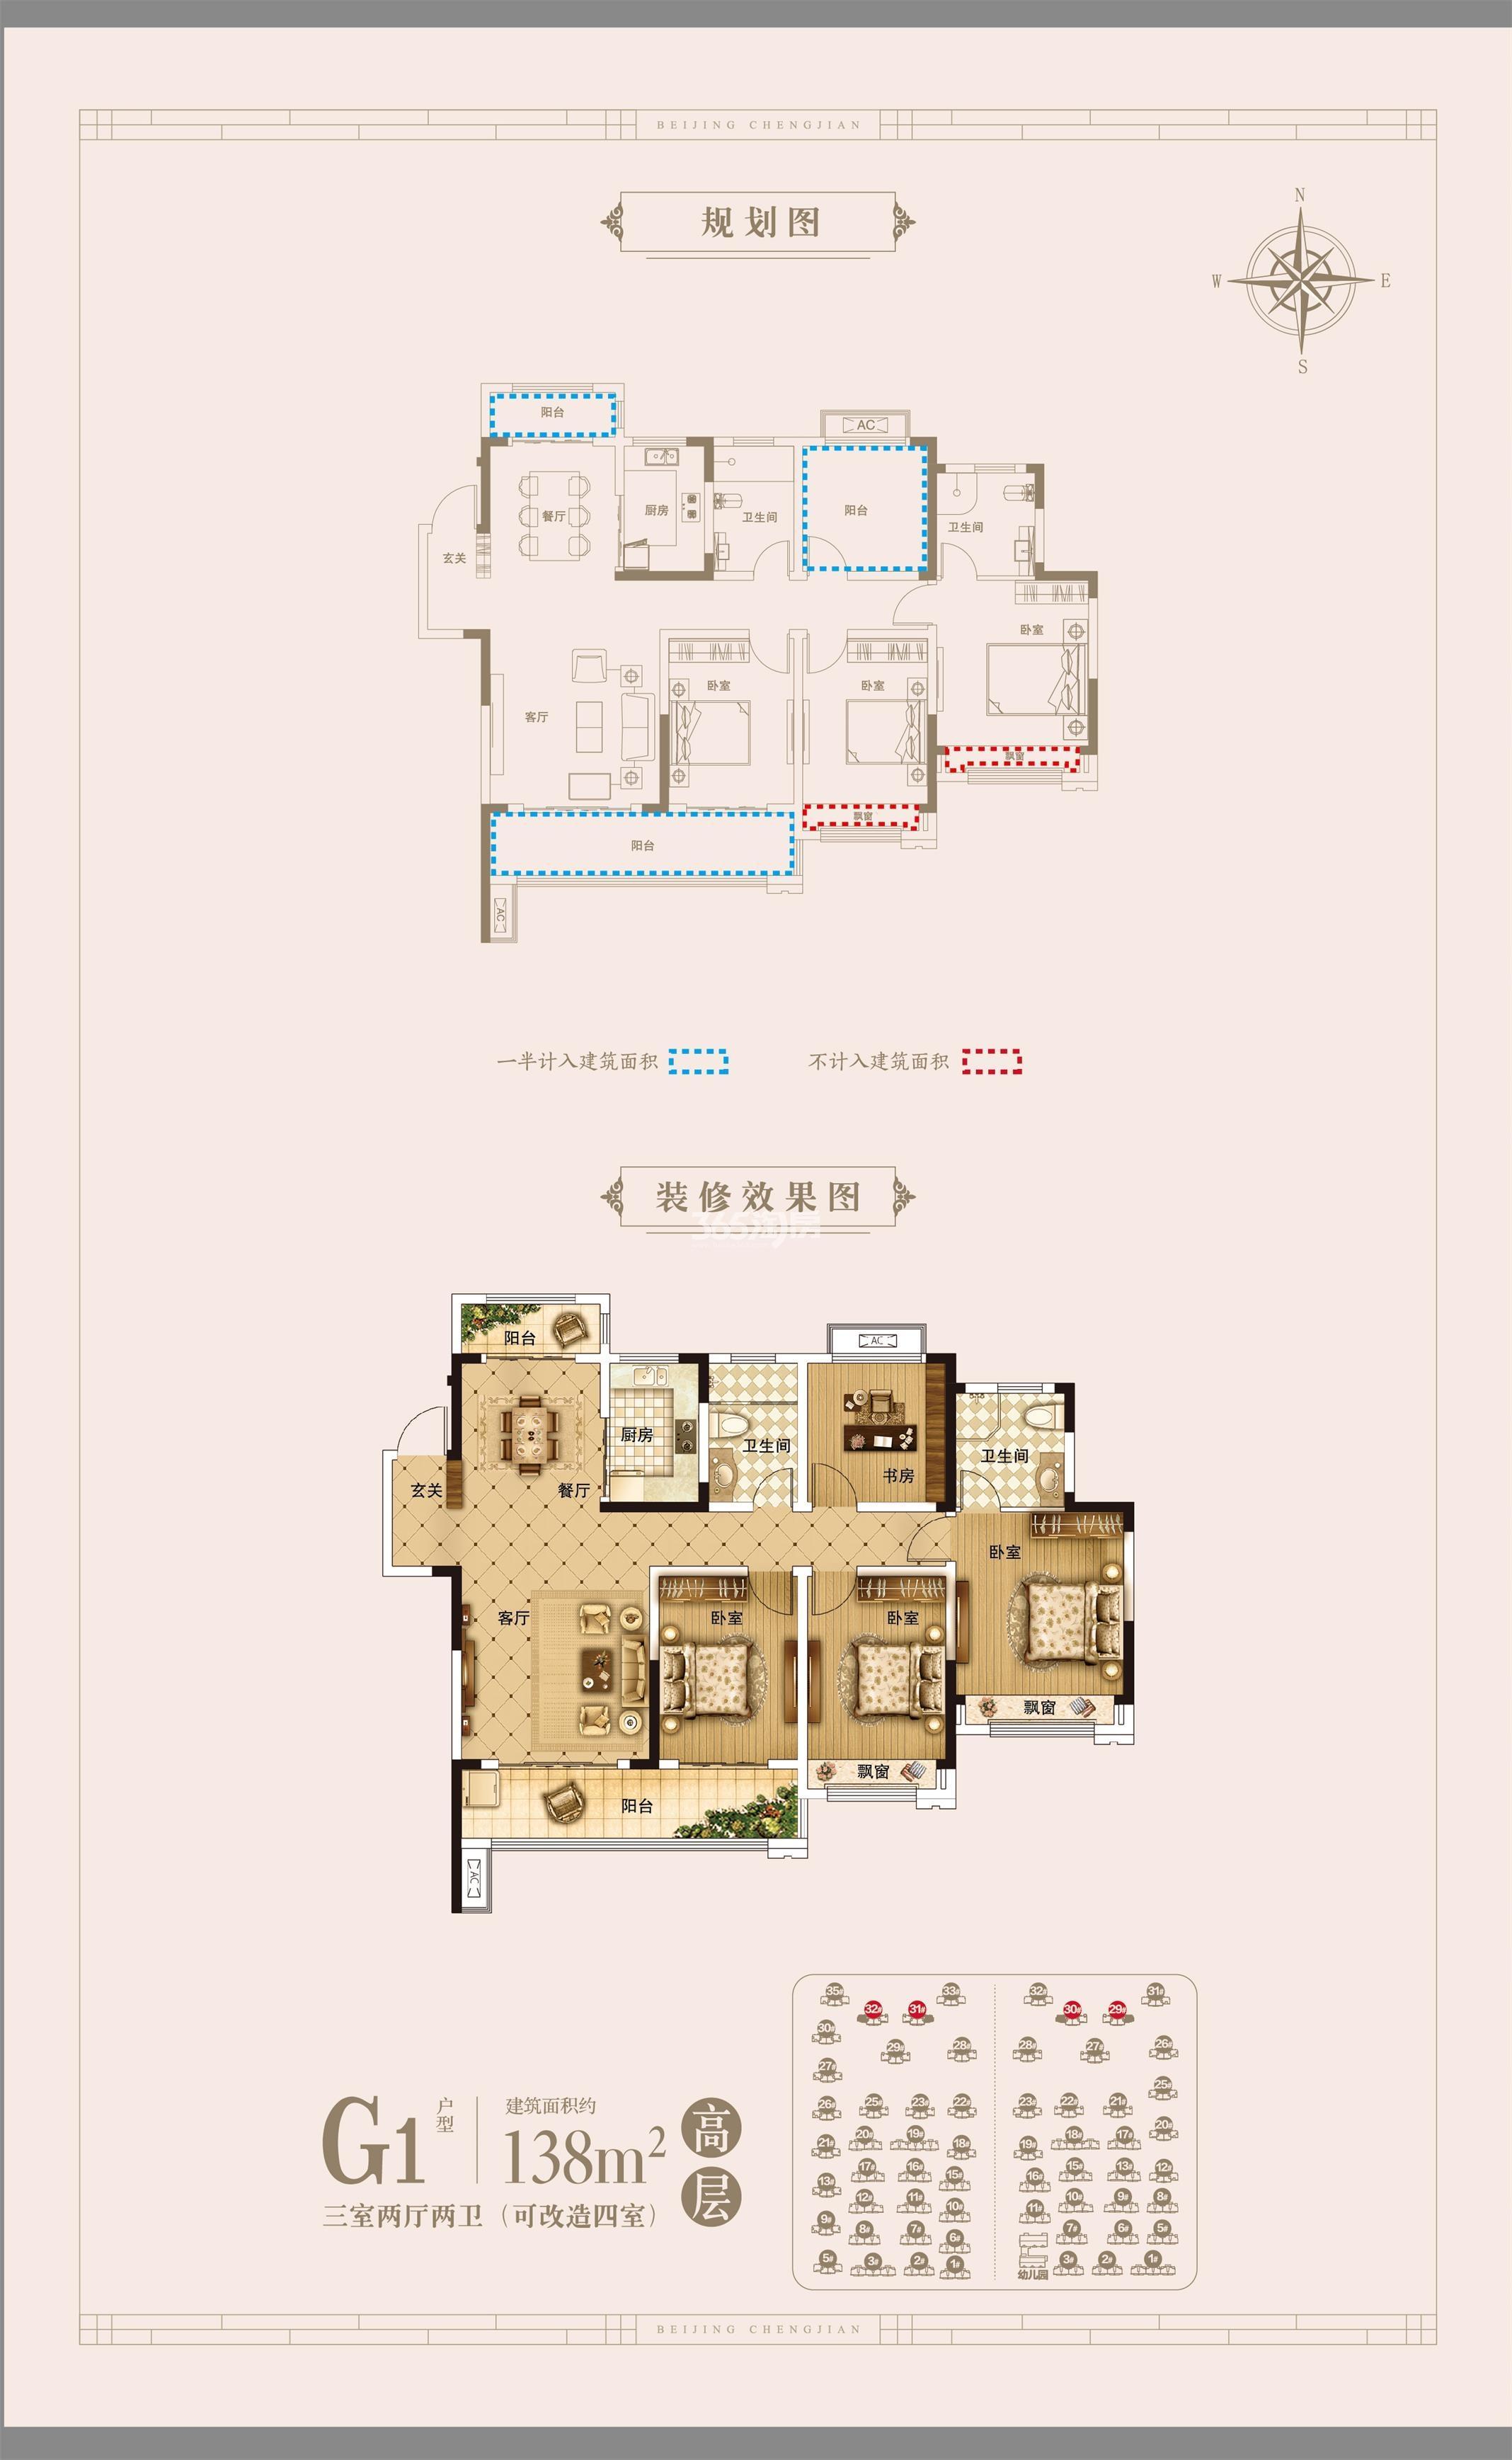 北京城建·国誉锦城138㎡户型图